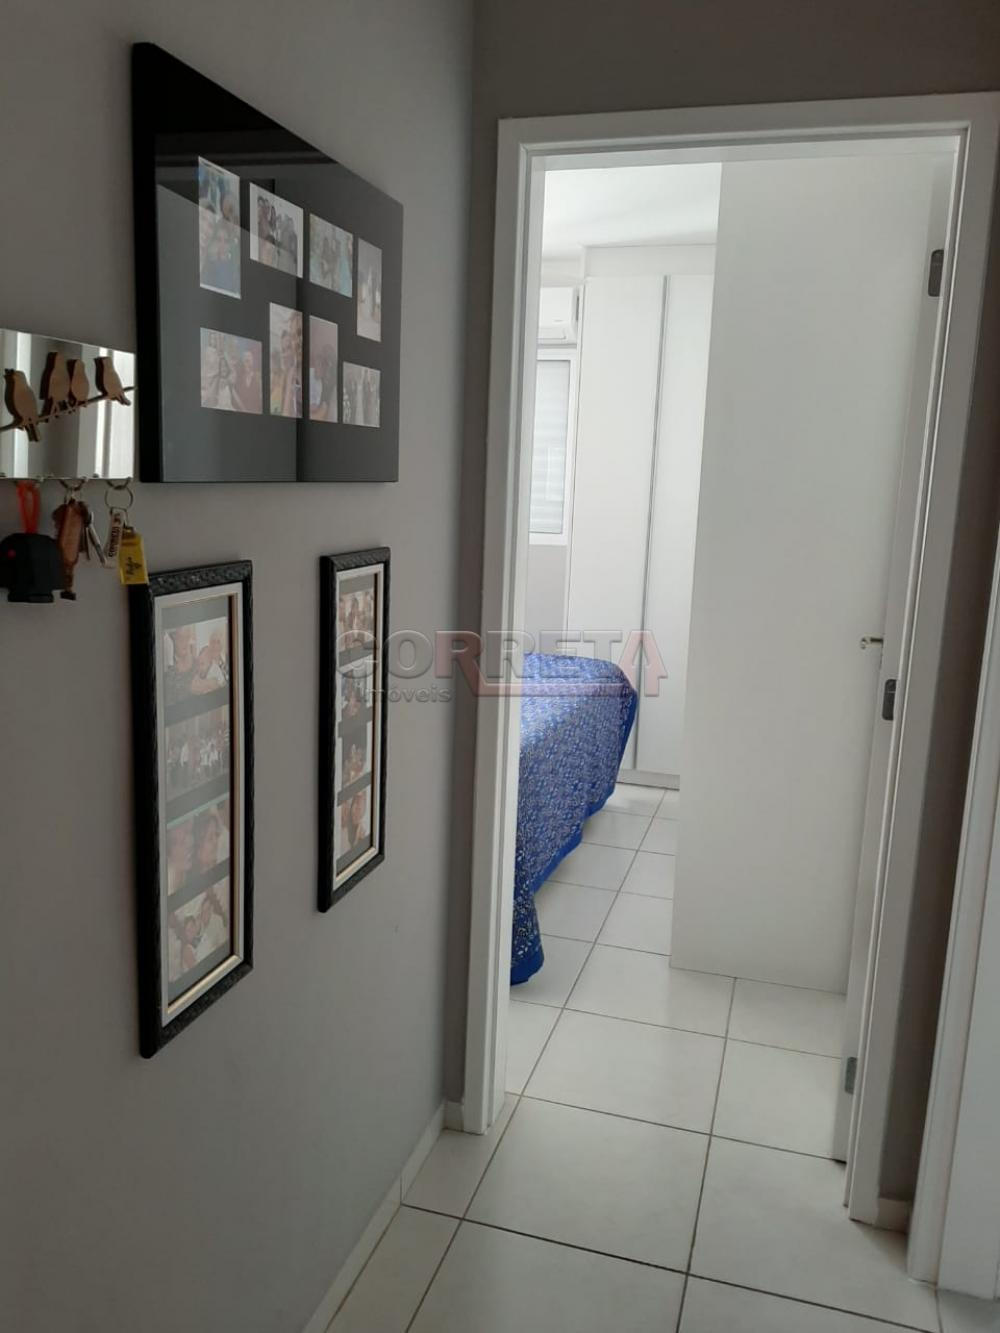 Comprar Apartamento / Padrão em Araçatuba apenas R$ 470.000,00 - Foto 8